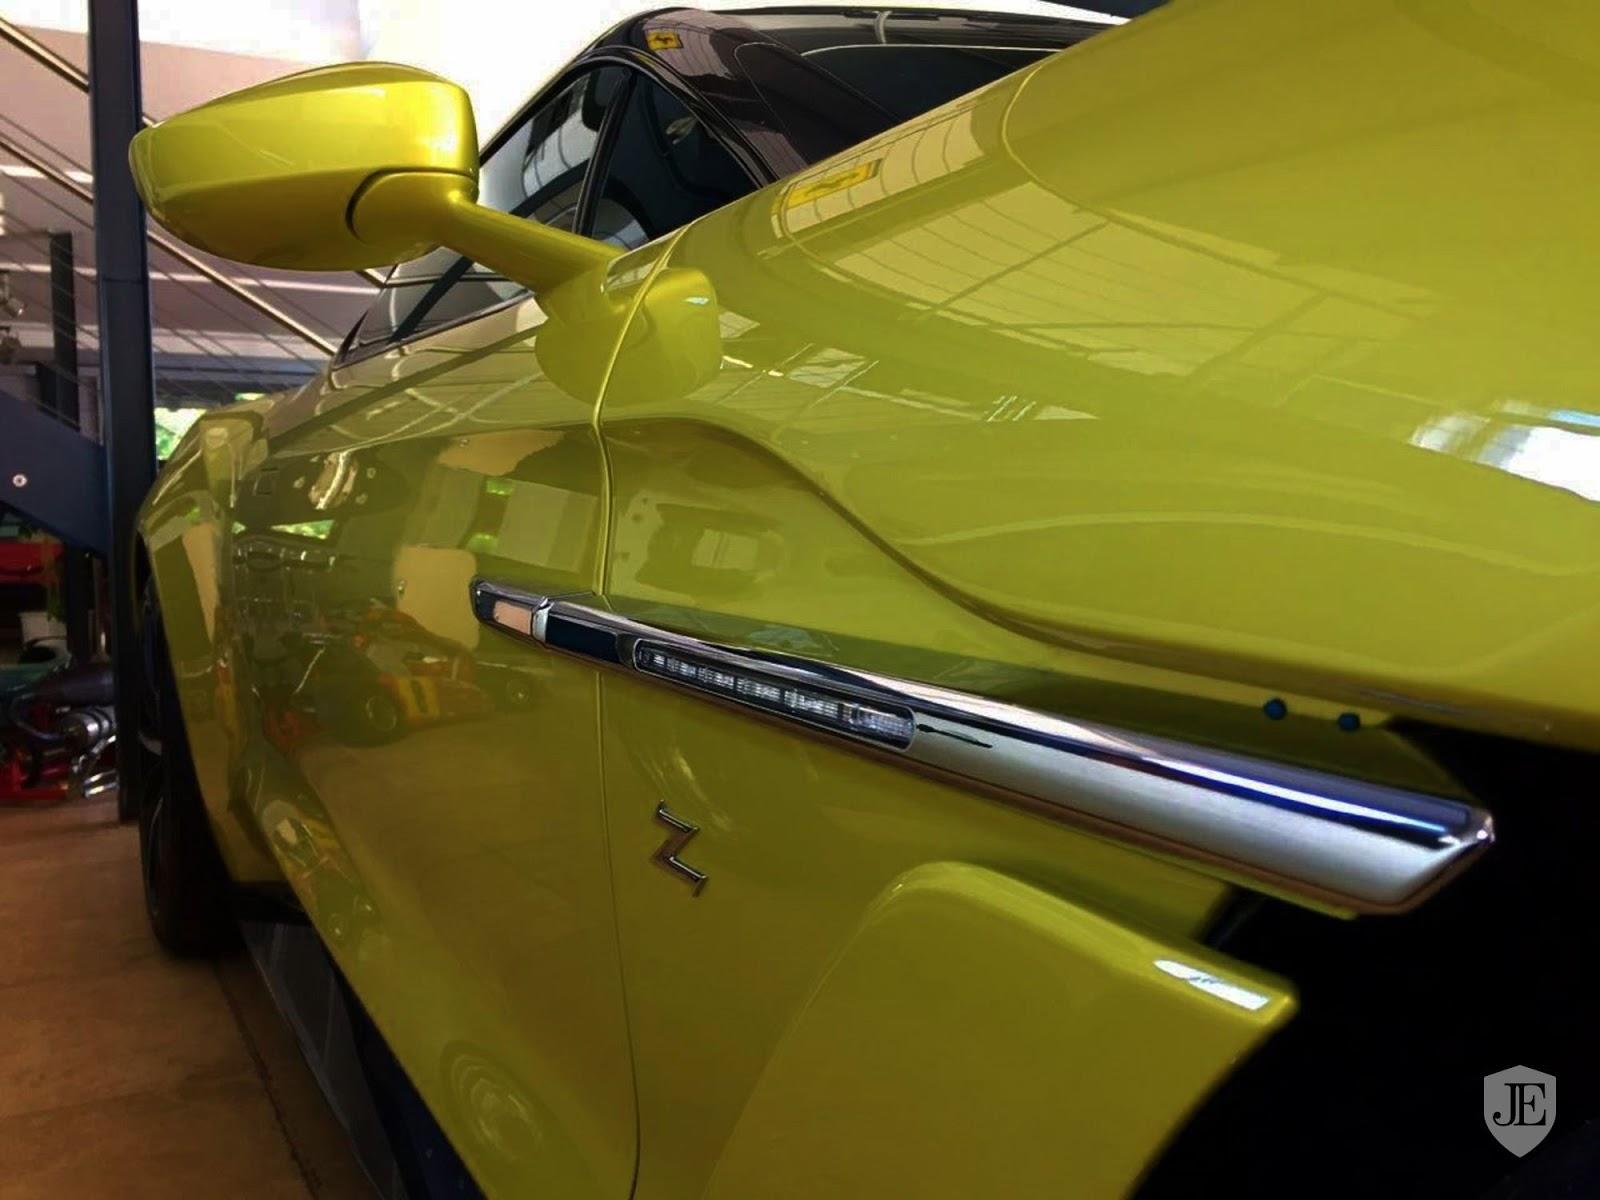 Aston Martin Vanquish Zagato yellow (13)